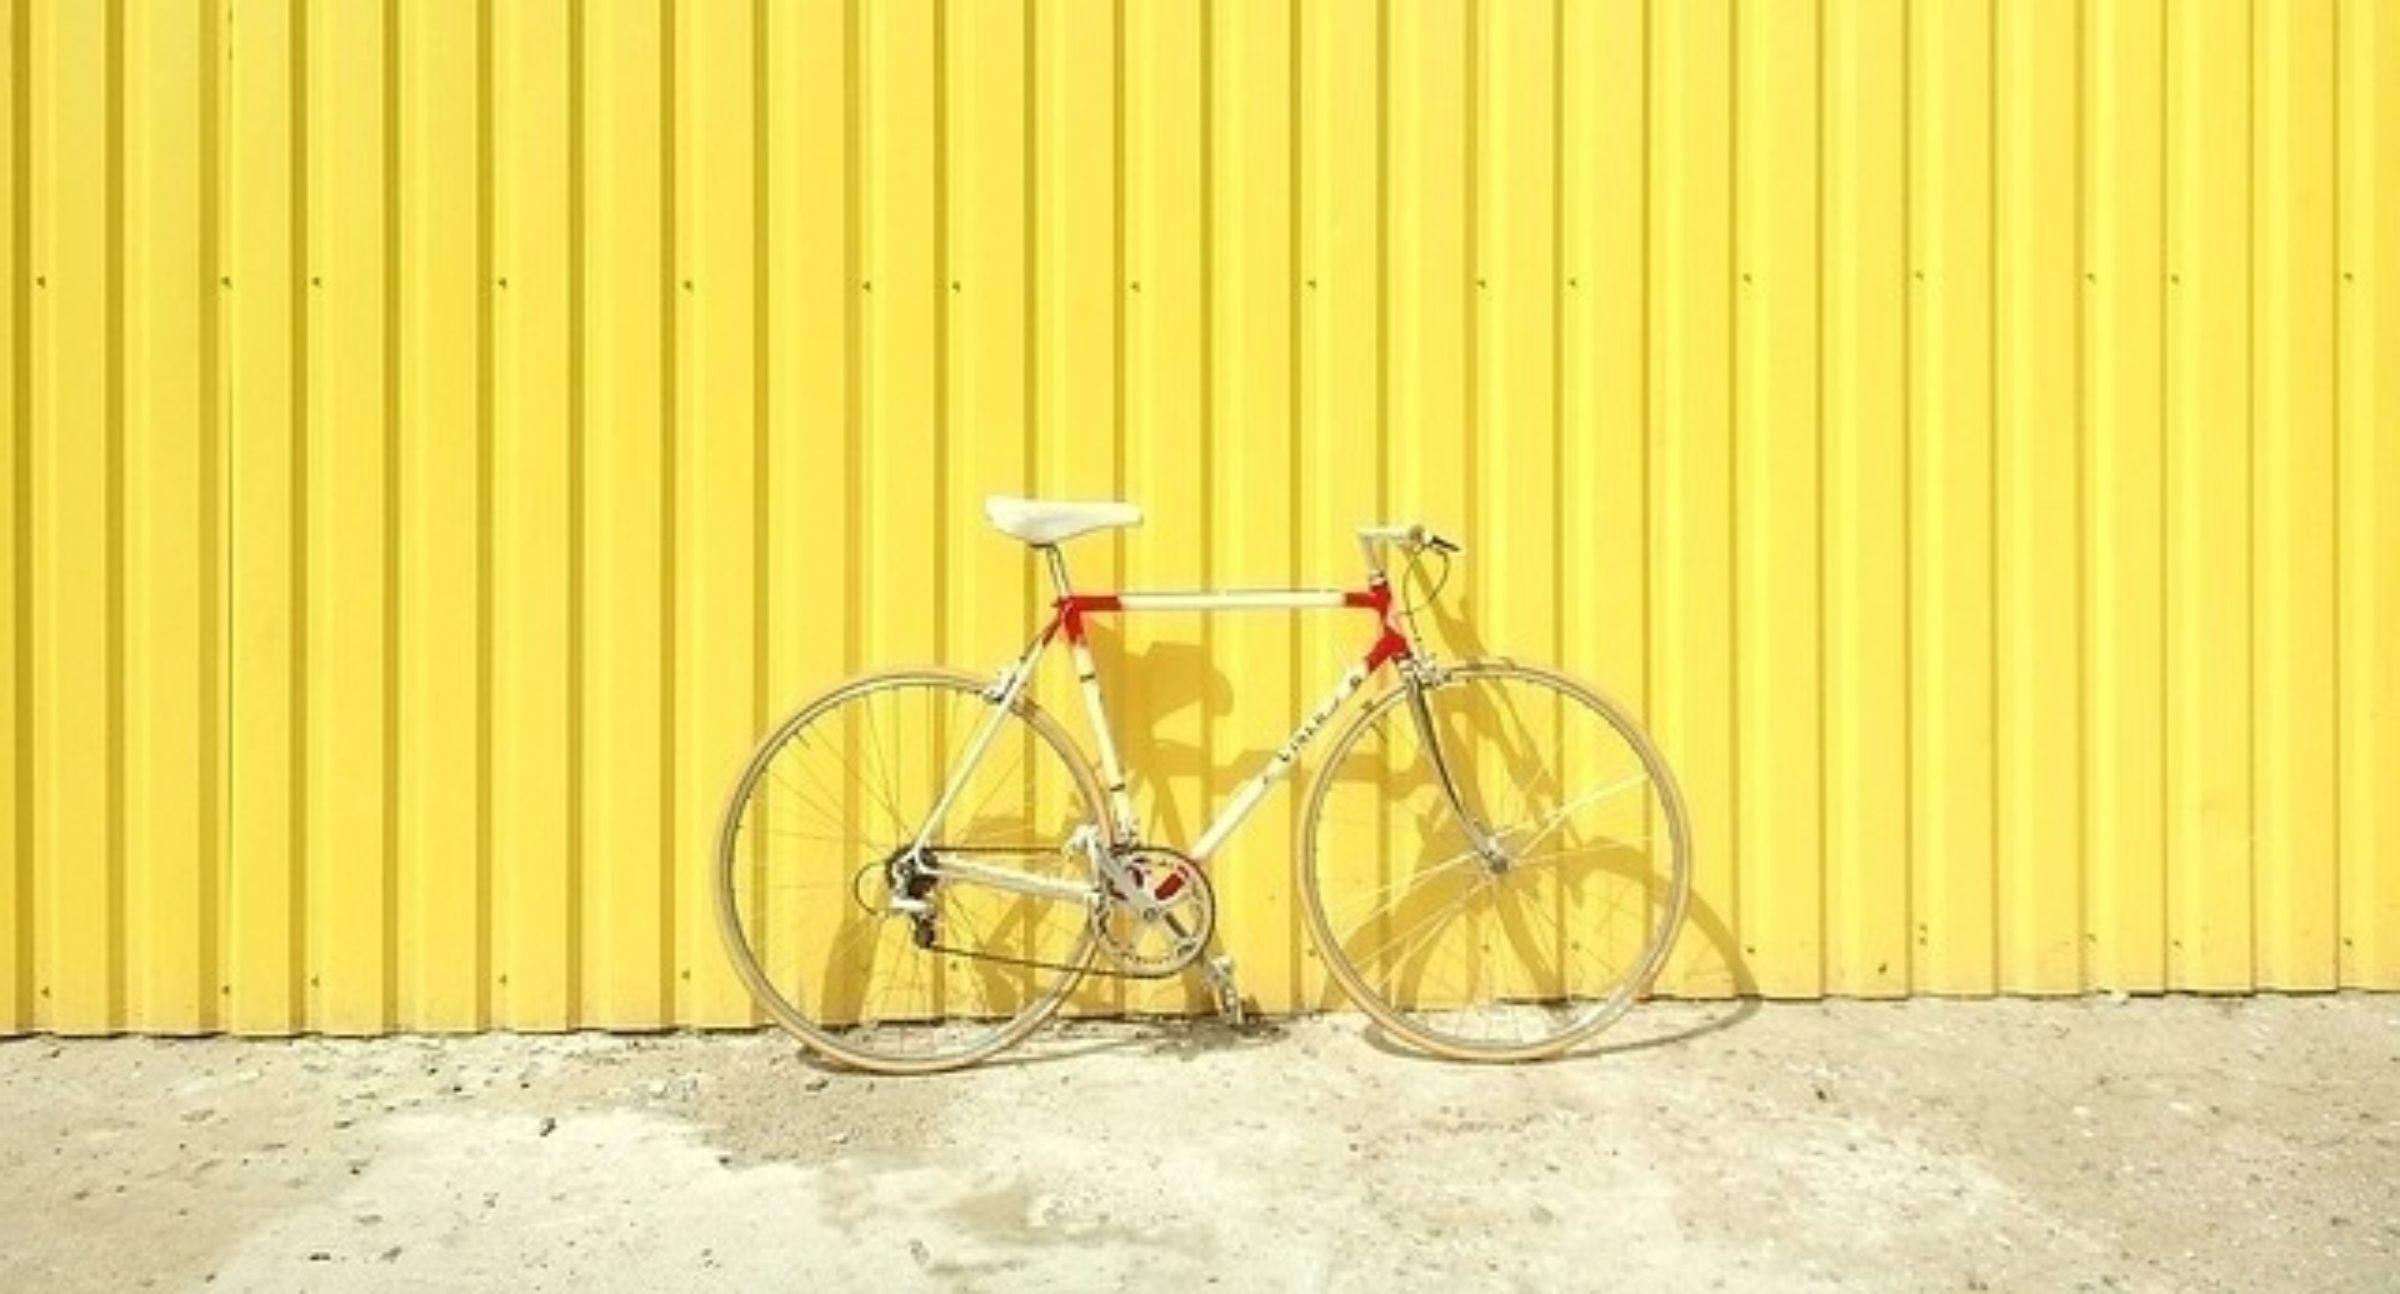 Bike 867229 640 3467 1568643196 35hxocebs5